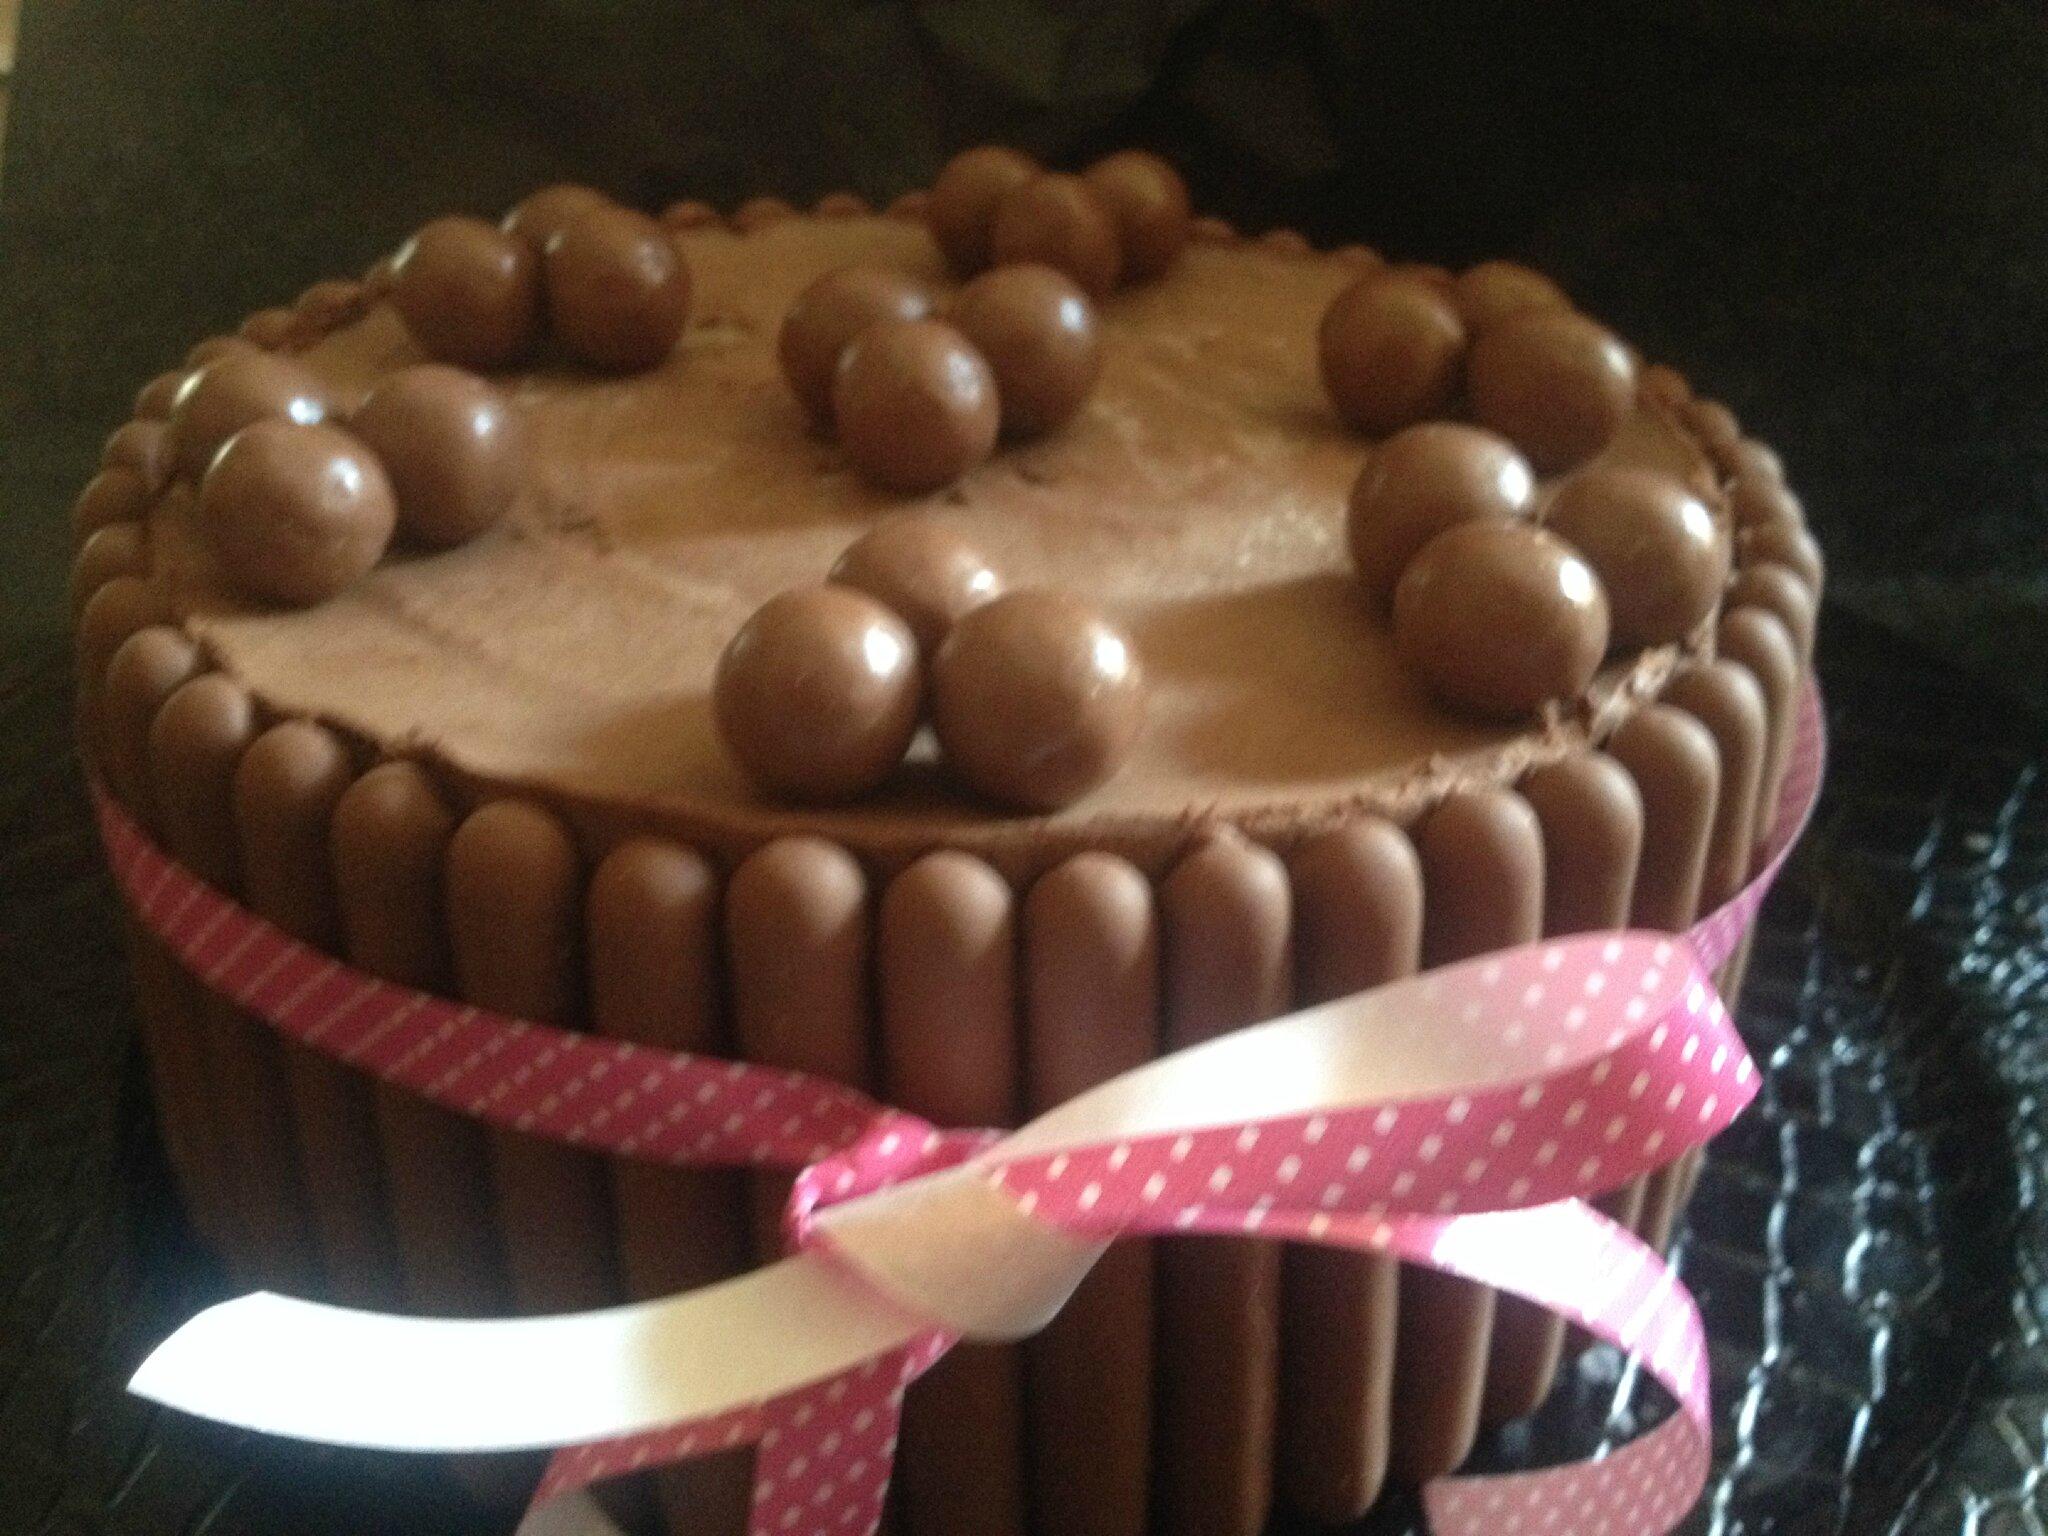 entremet chocolat framboises dessert pour les enfants r 233 veillon du 31 d 233 cembre 2013 les